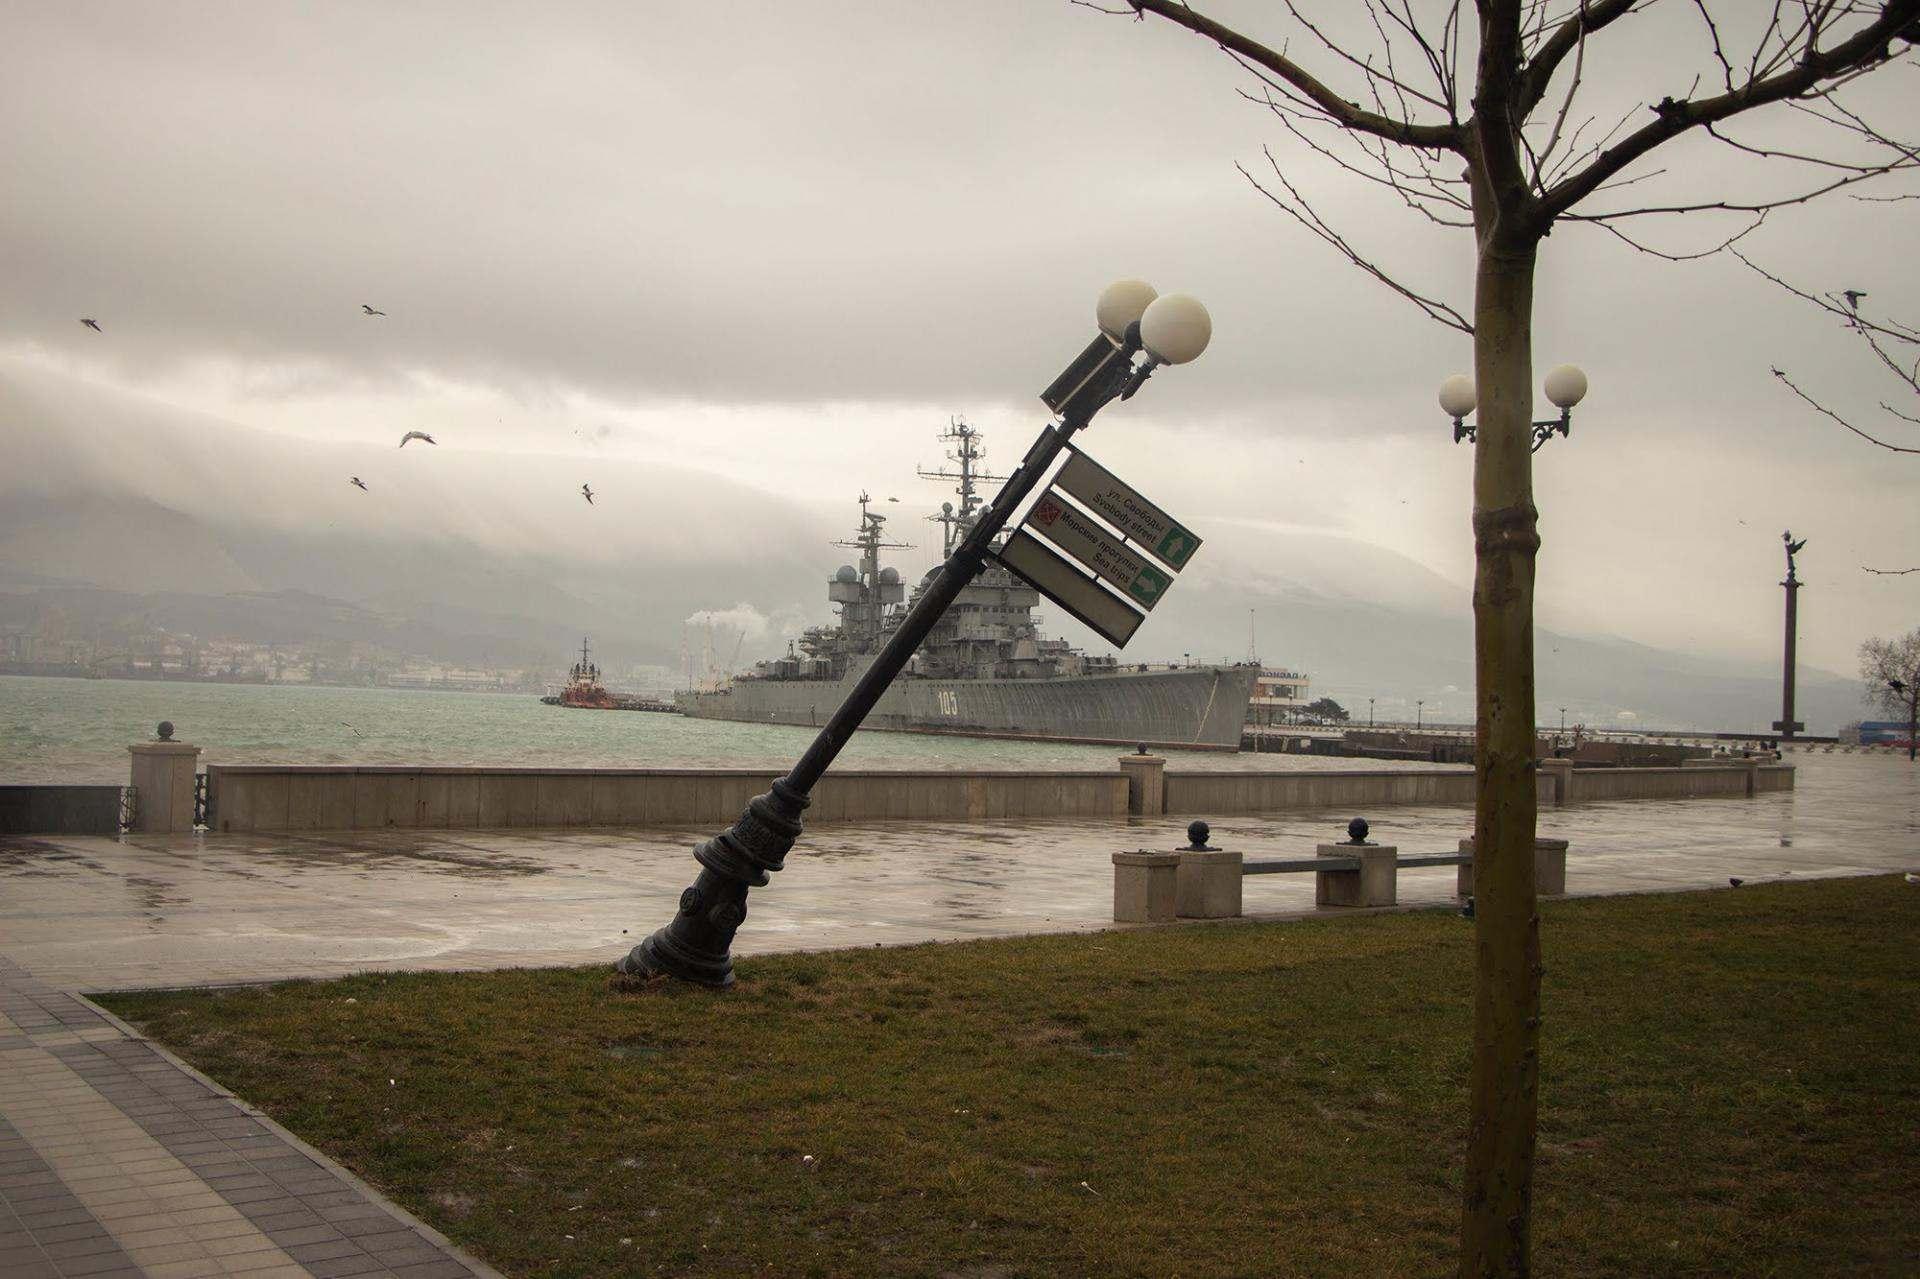 Метеорологи пугают: Новороссийск может оказаться во власти дождей